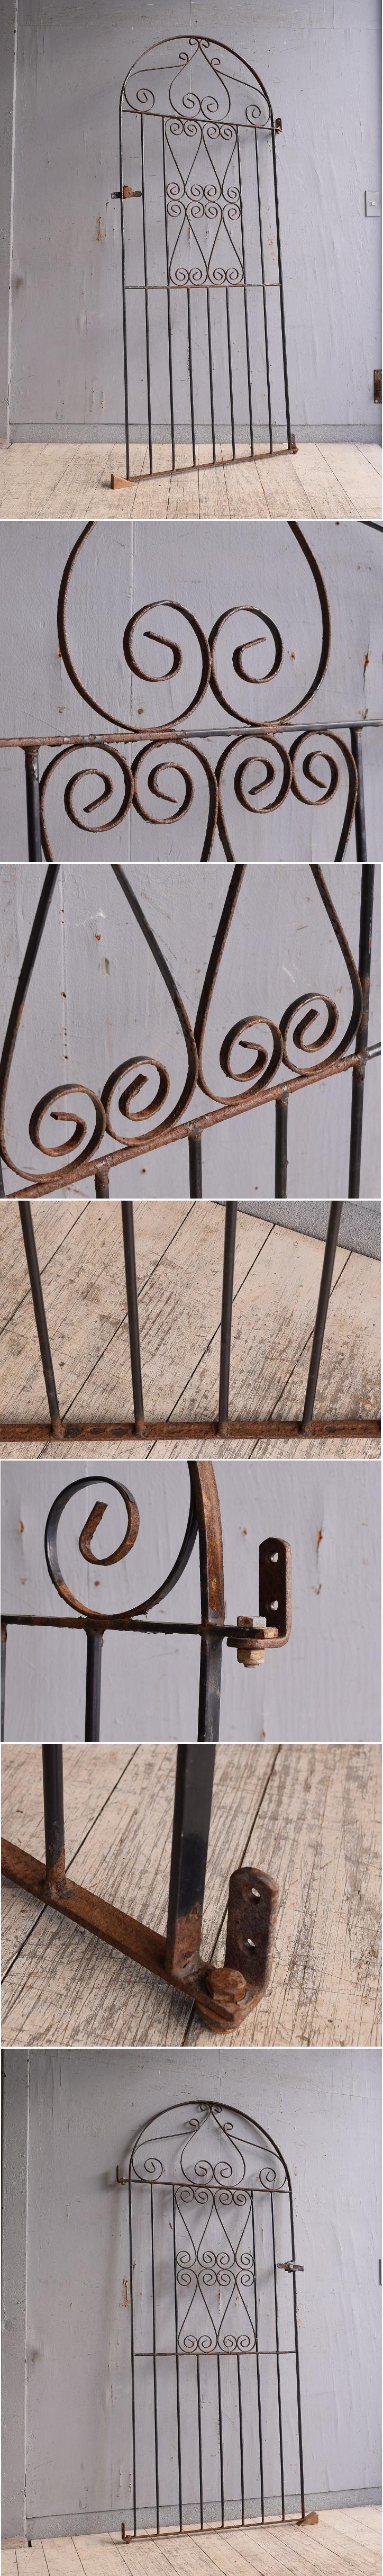 イギリスアンティーク アイアンフェンス ゲート柵 ガーデニング 9827